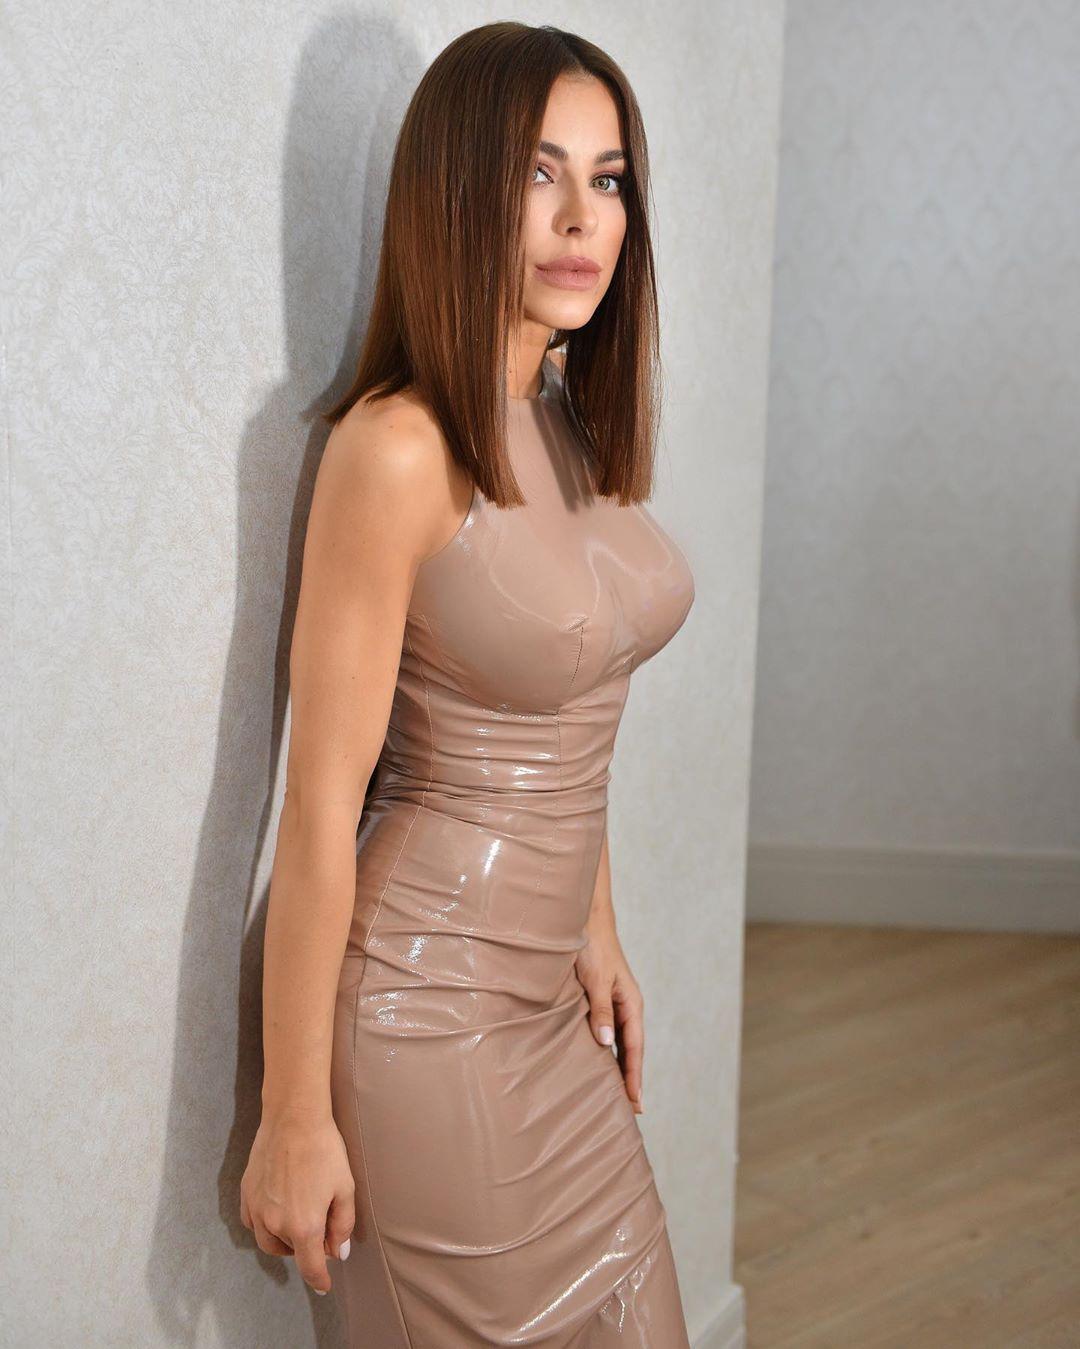 Ани Лорак подтвердила свой новый роман (фото) - Папарацци: скандальные фото звезд и знаменитостей шоу бизнеса, звезды без макияжа - Фото - Папарацци - IVONA - bigmir)net - IVONA bigmir)net